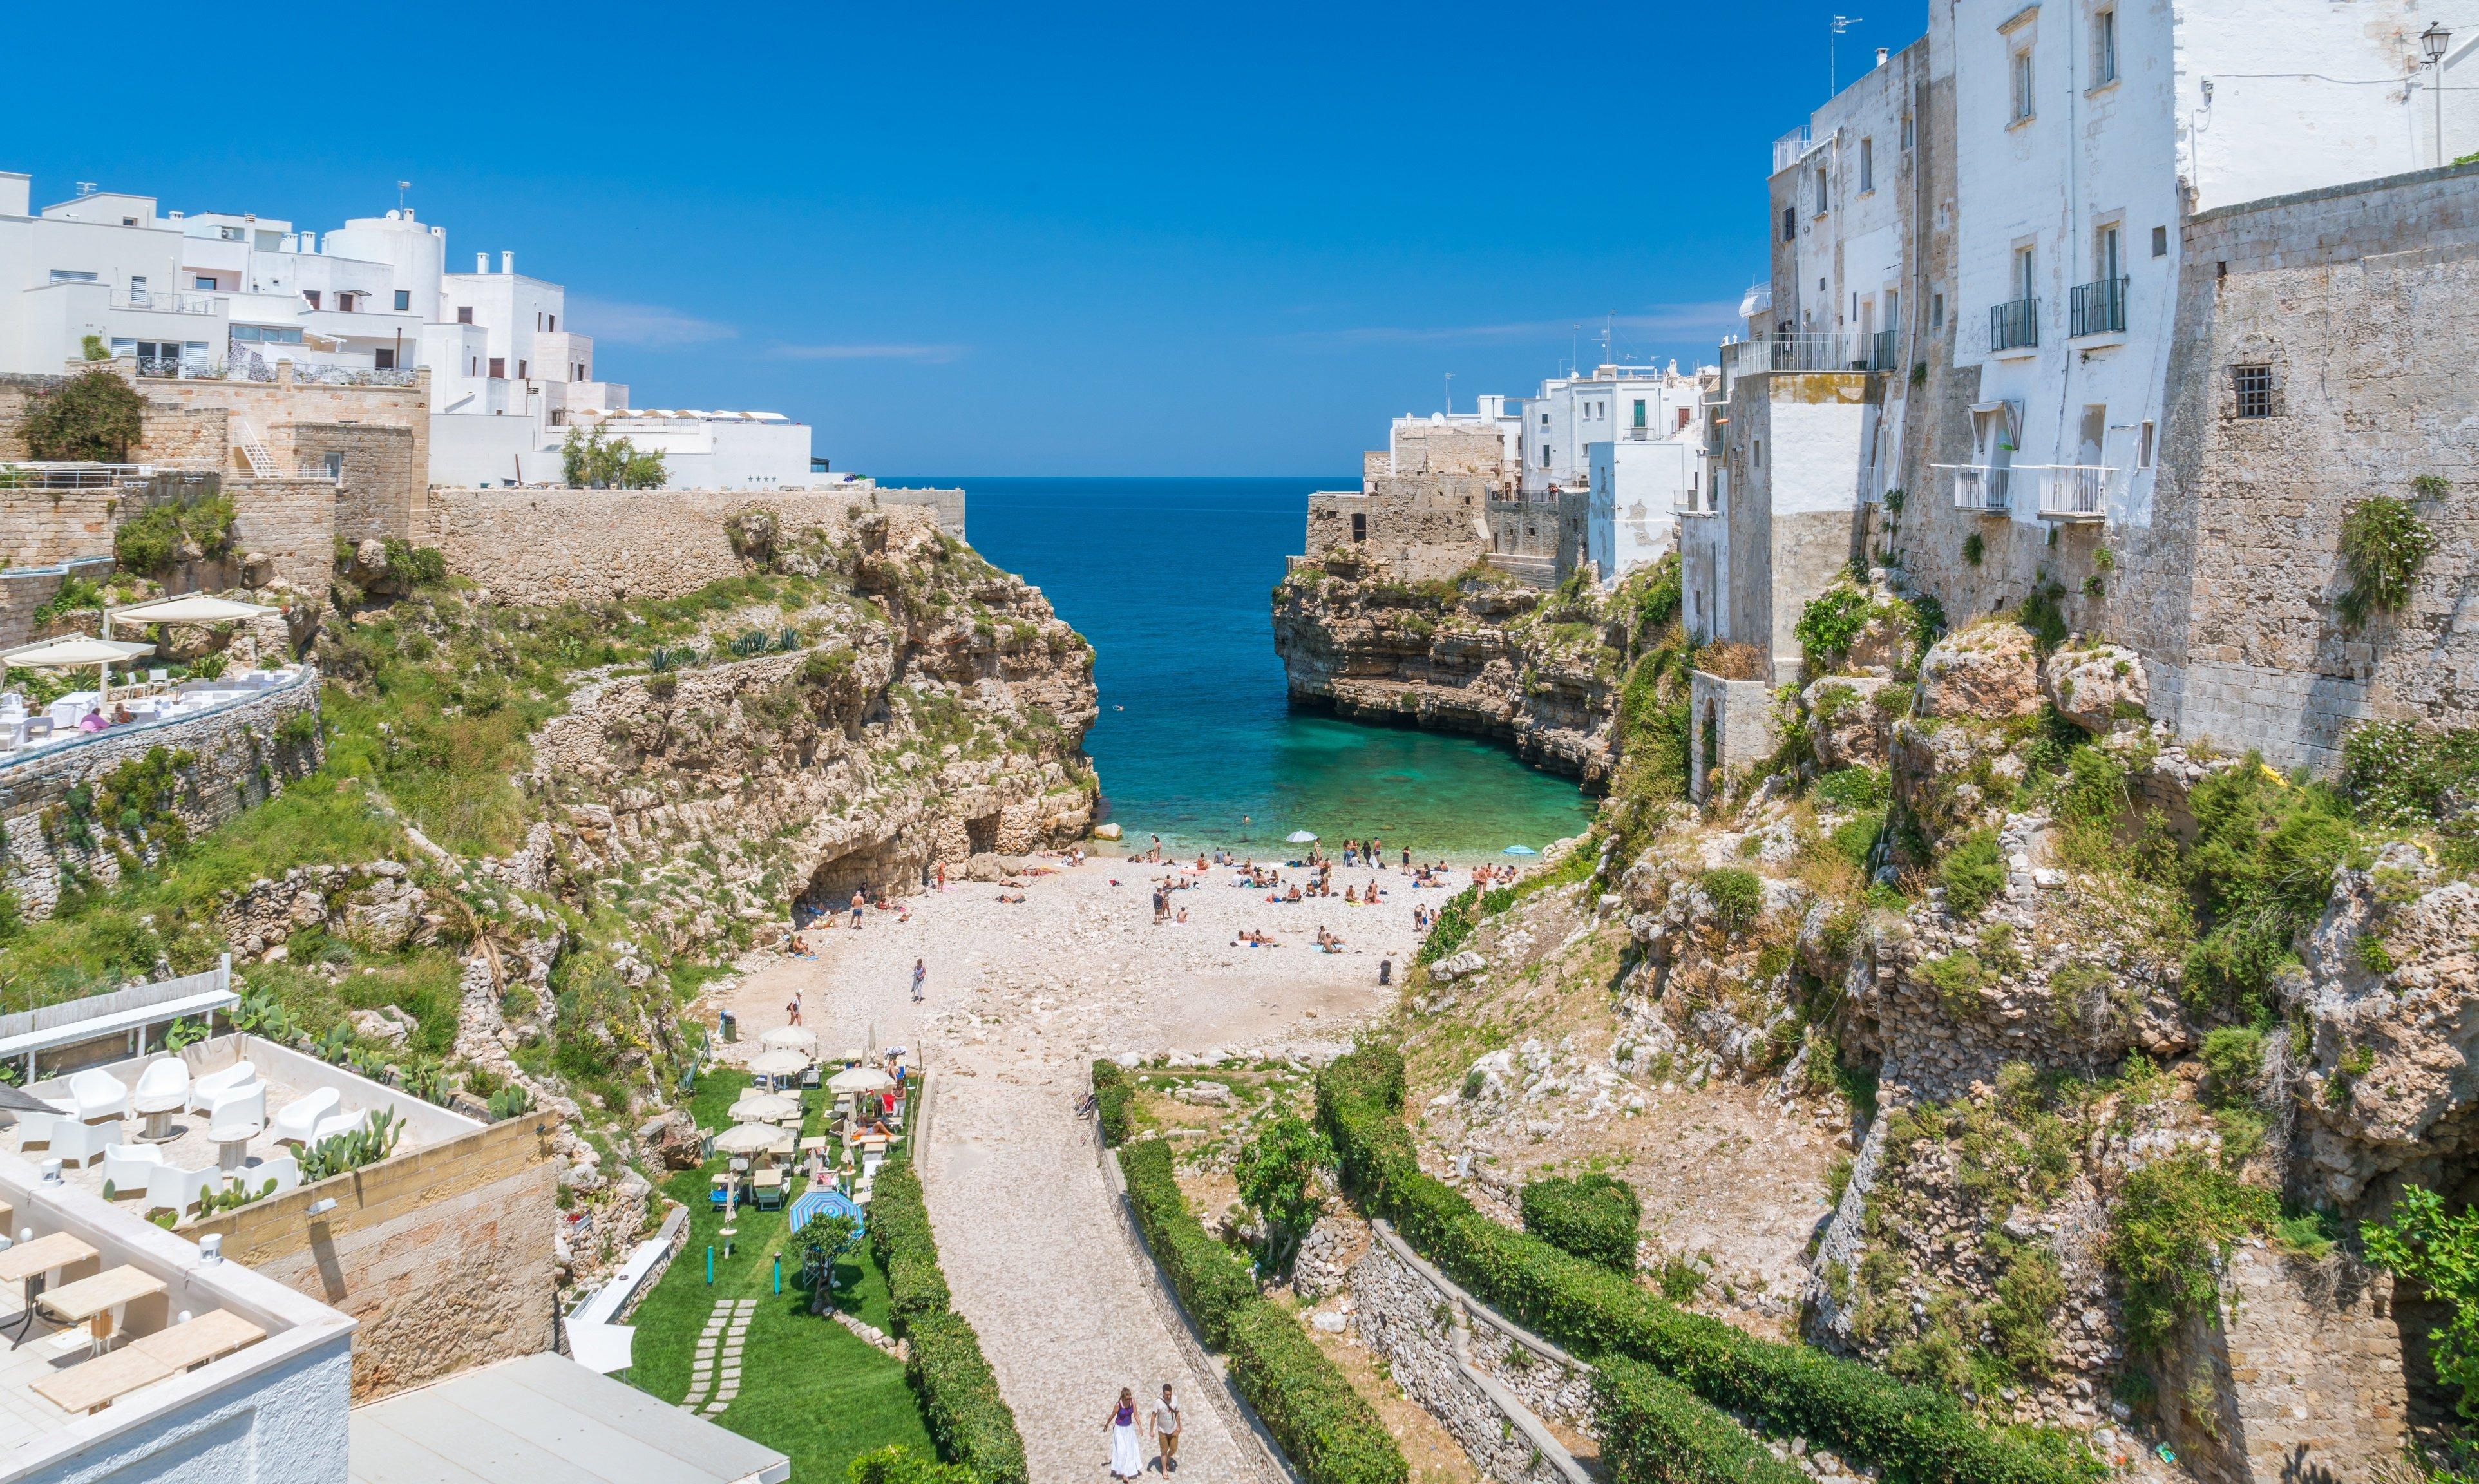 location image Villas in Puglia